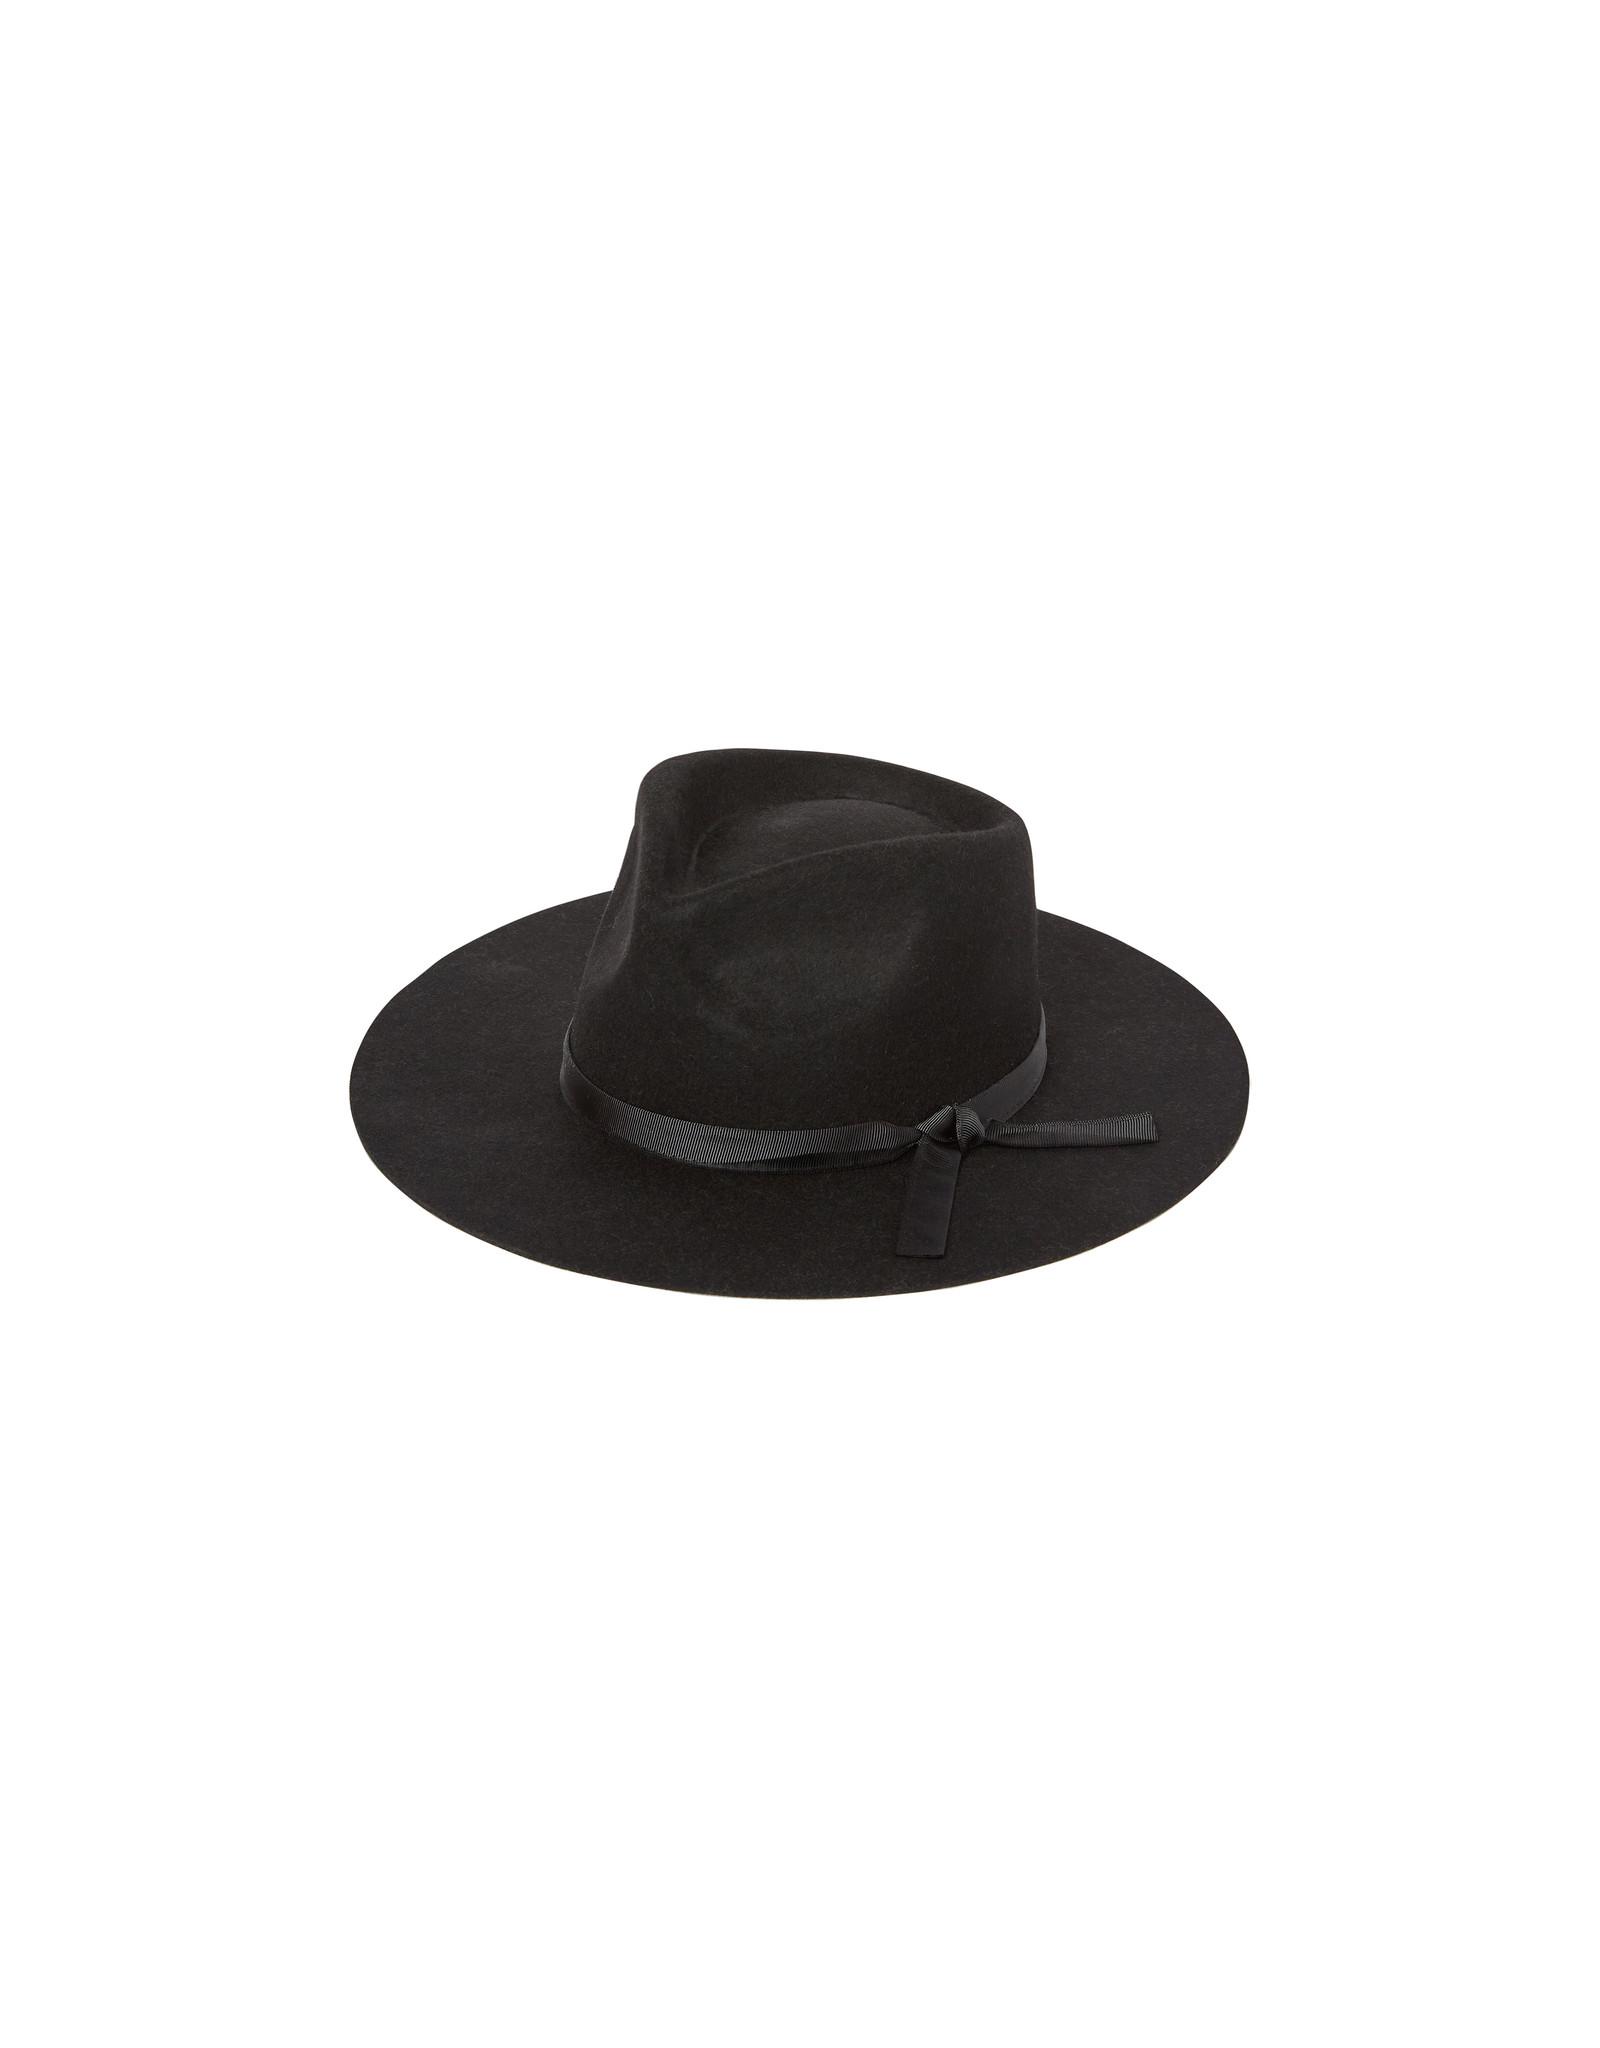 Rylee + Cru Rylee + Cru Rancher Hat